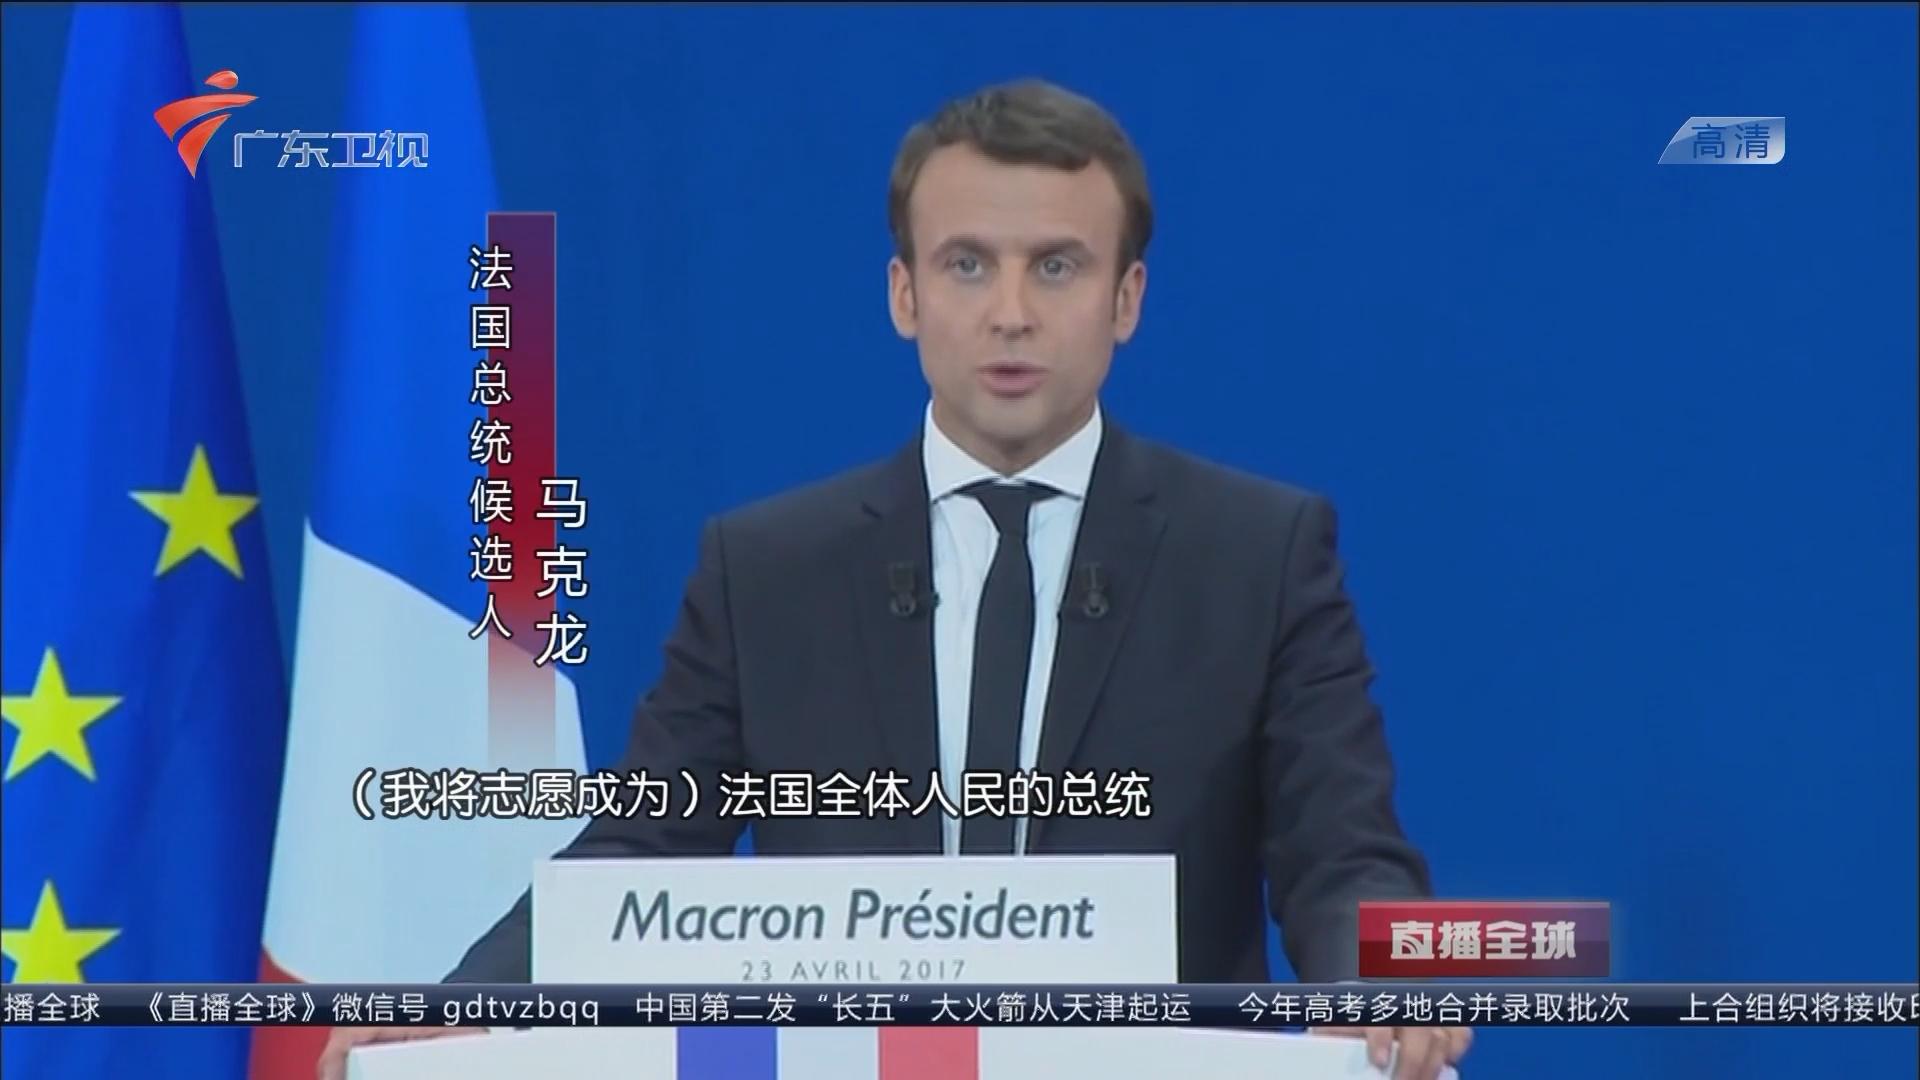 """""""非左非右""""马克龙如何爱法国? 继拿破仑之后 法国最年轻的领导人"""